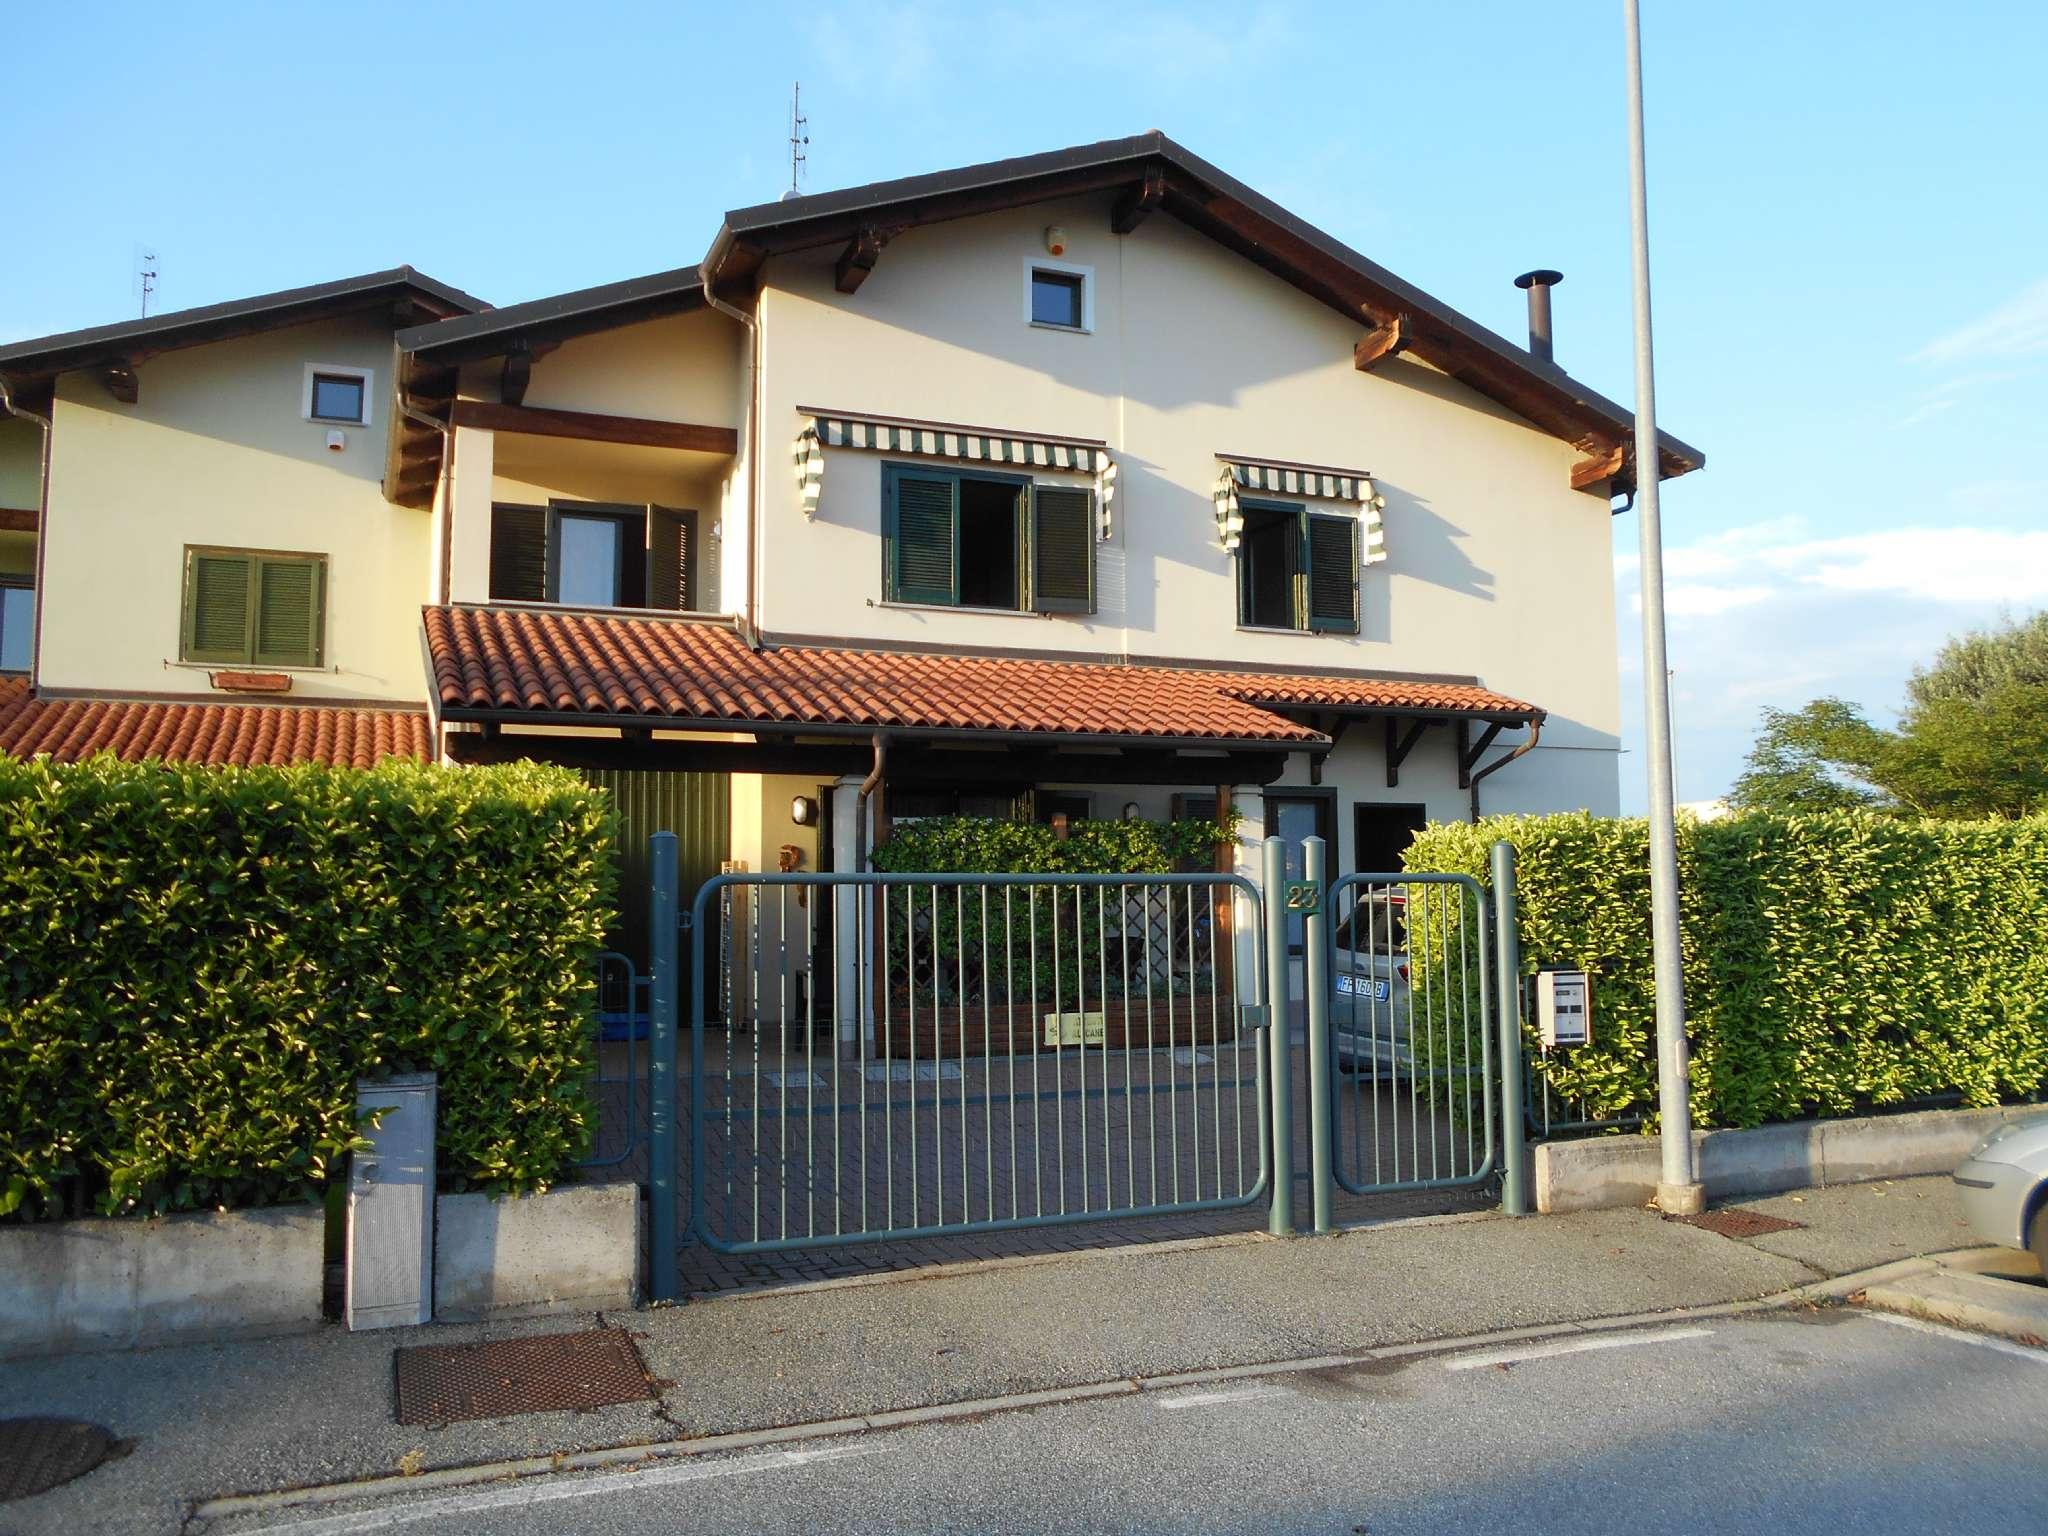 Foto 1 di Villa via General Cabrera 23, San Maurizio Canavese